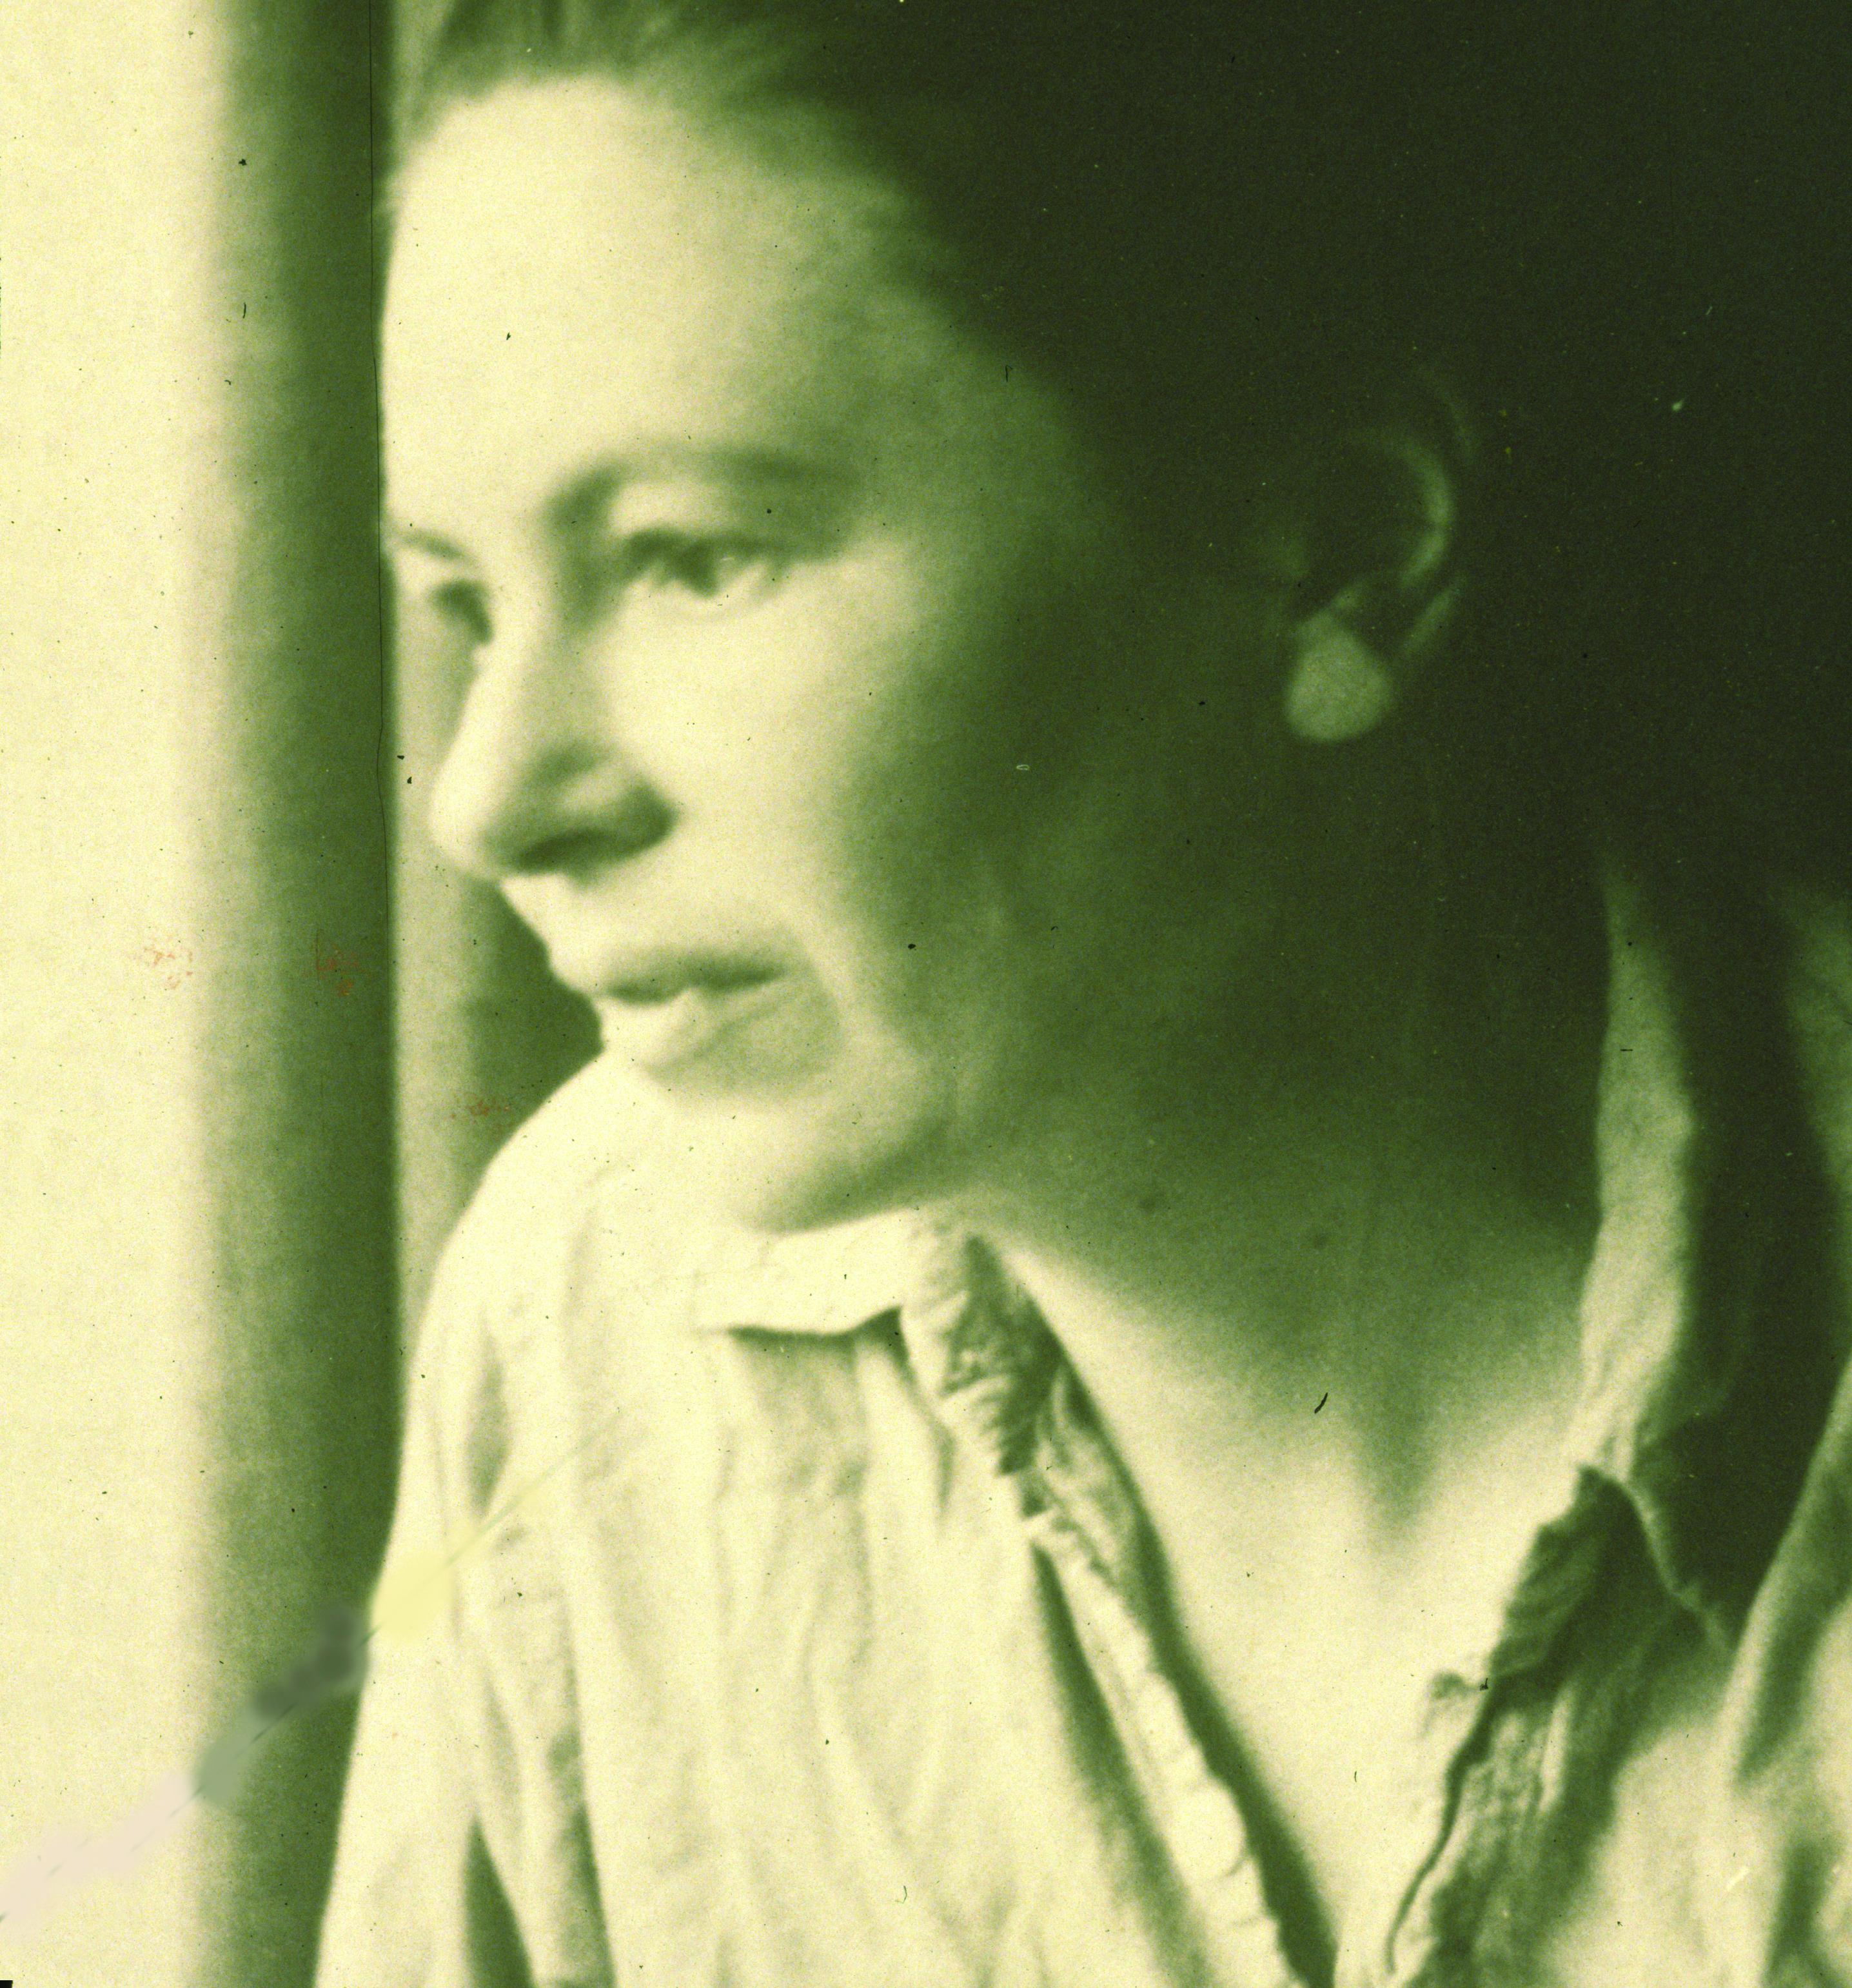 A pensive Edith